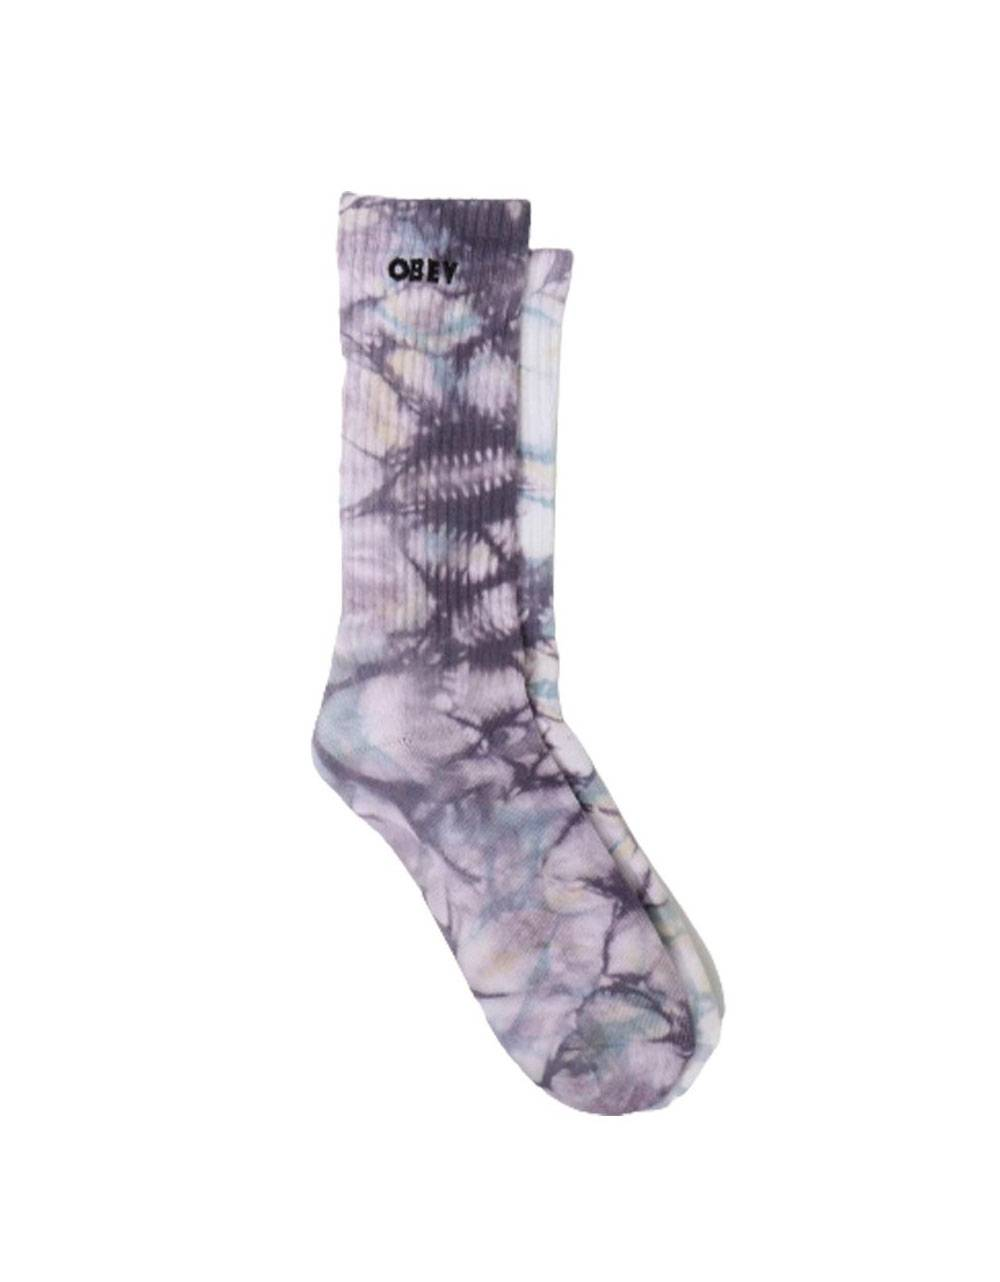 Obey Mountain socks - purple nitro multi obey Socks 16,39€